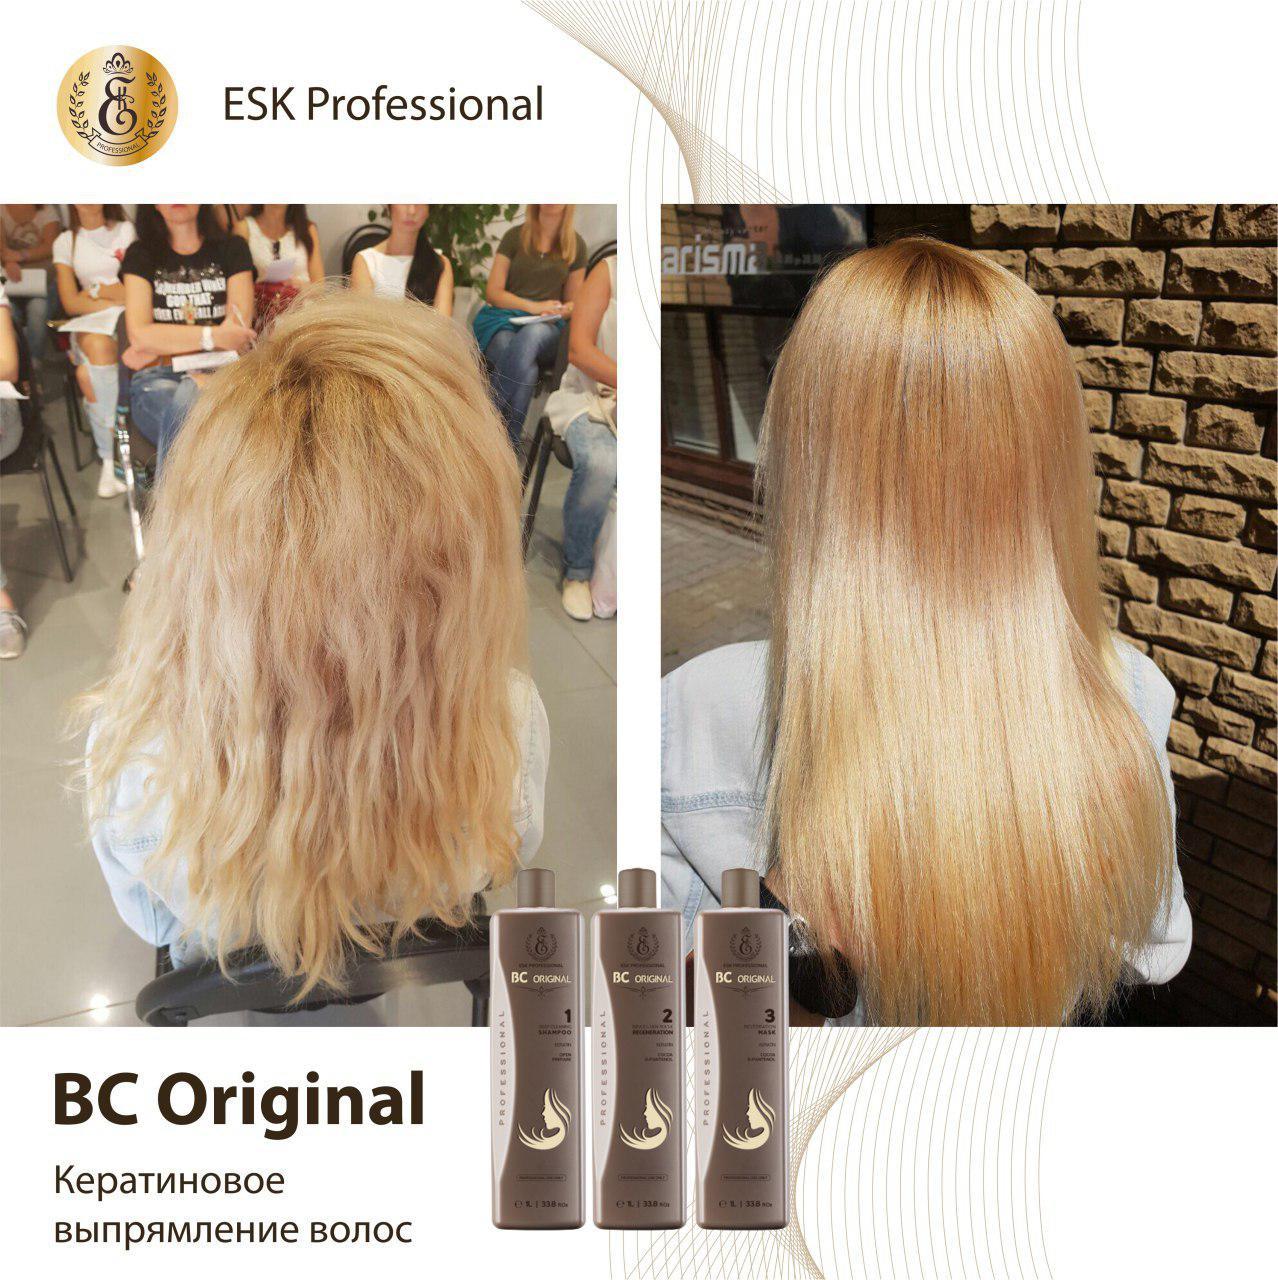 кератиновое выпрямление для волос BC Original